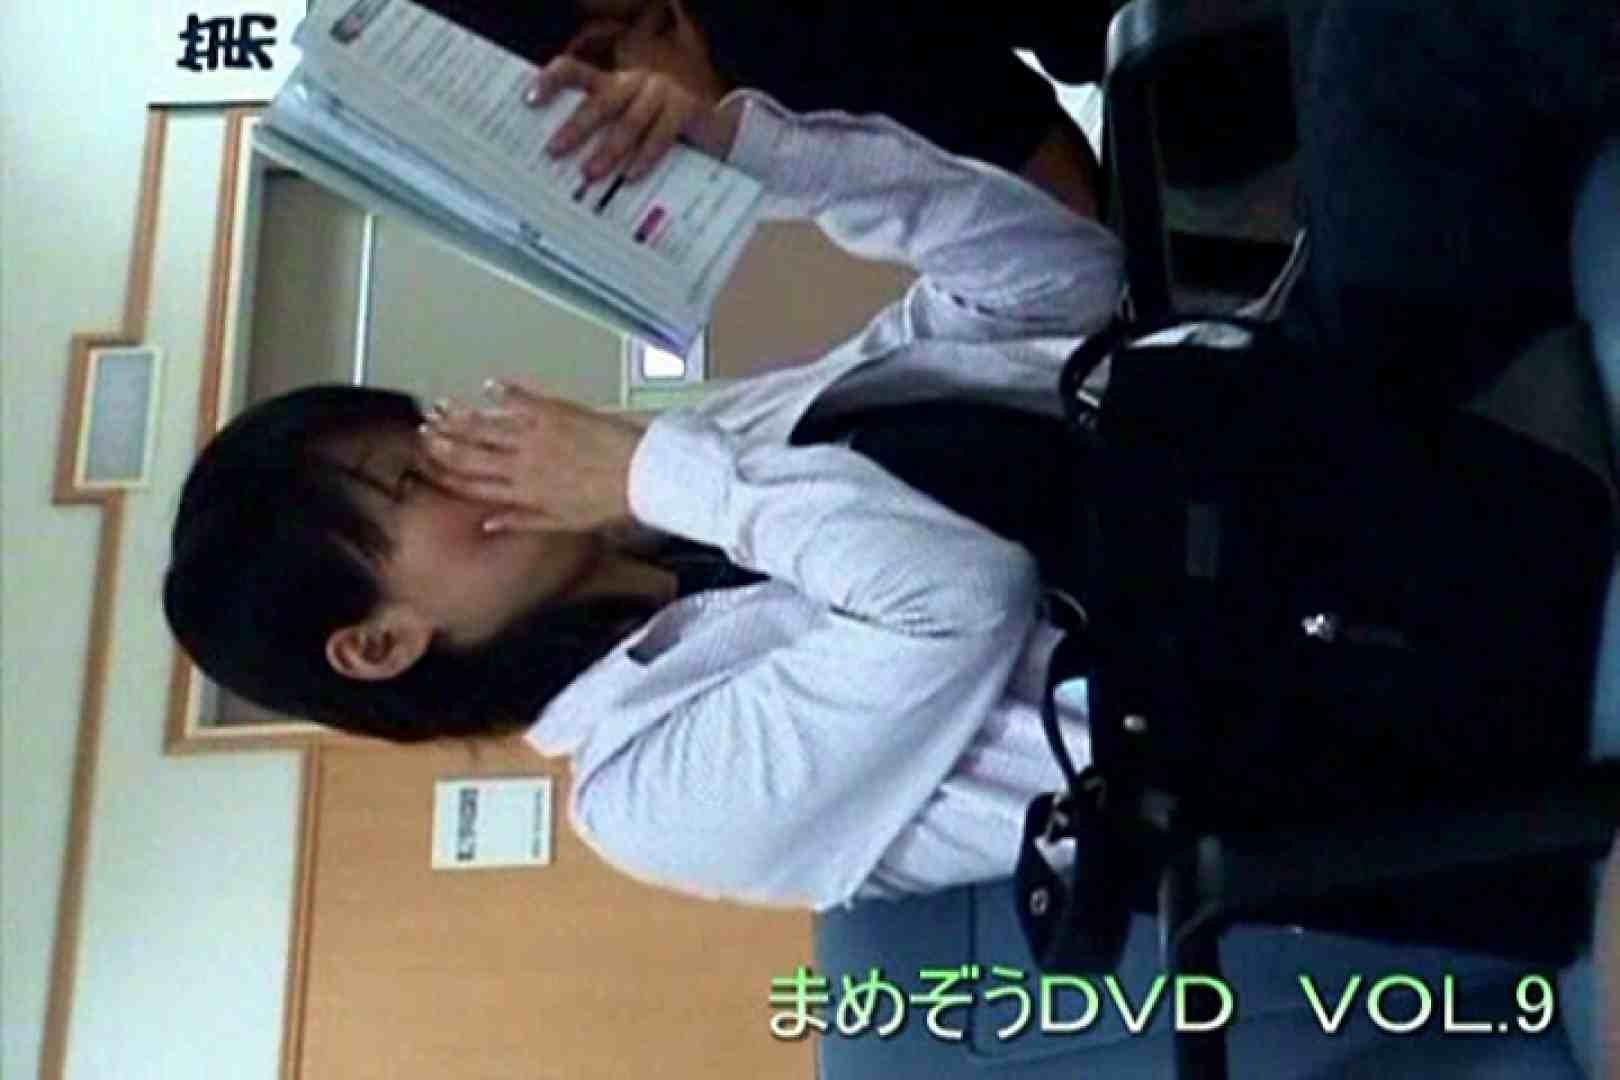 まめぞうDVD完全版VOL.9 ギャル攻め  55画像 40